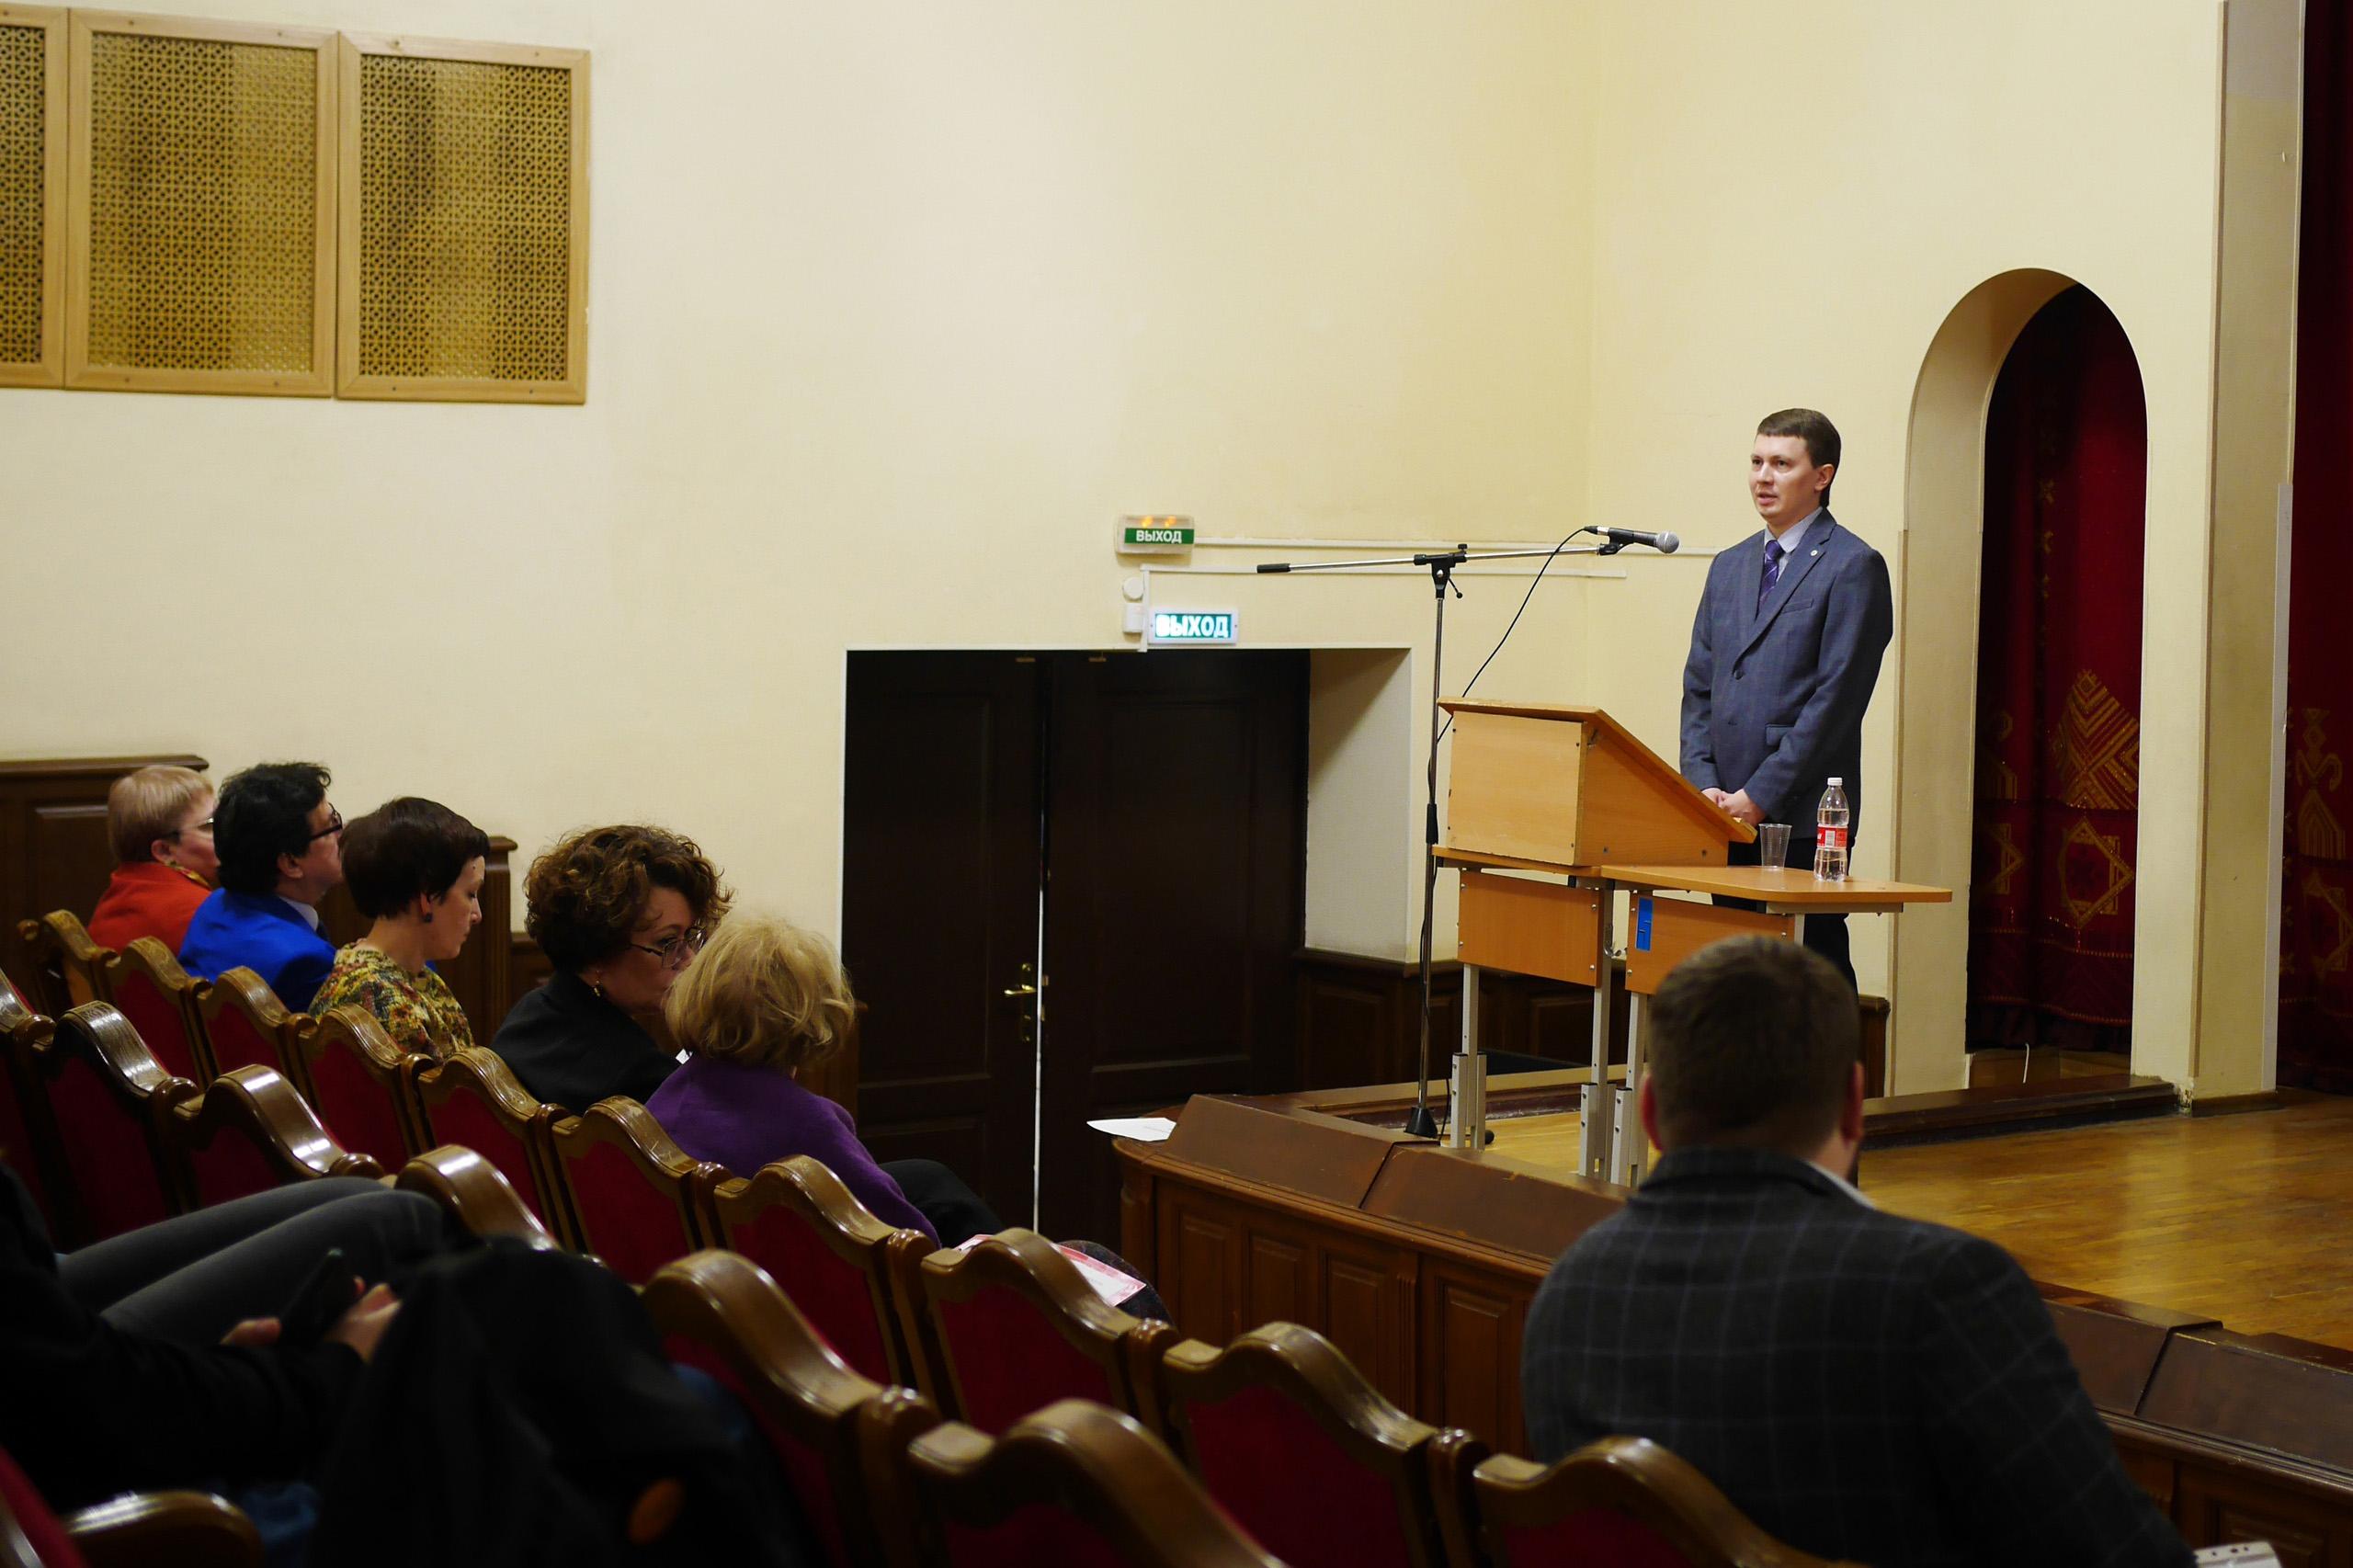 XXIV-nauchno-praktic-konferenciya-2019-5